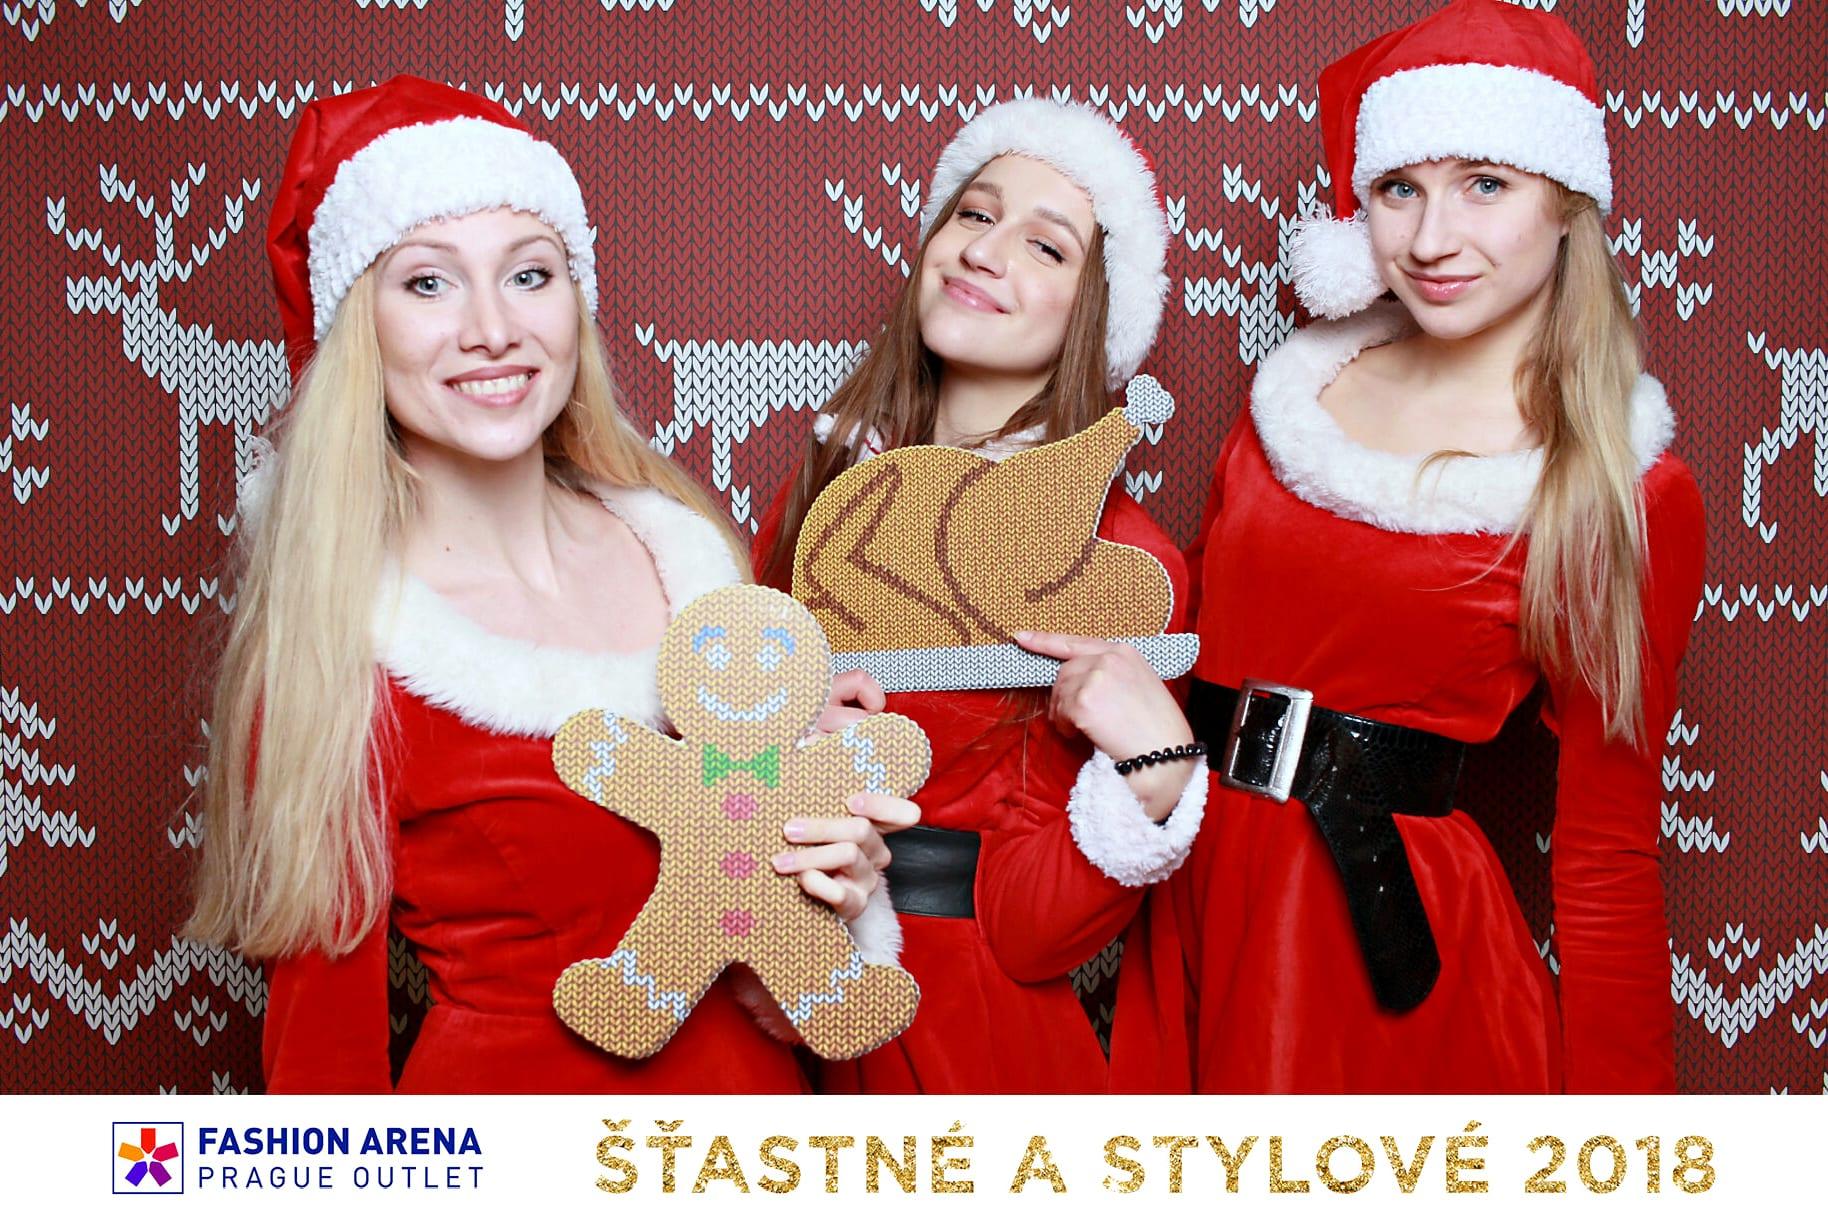 fotokoutek-fashion-arena-stastne-a-stylove-9-12-2018-542315